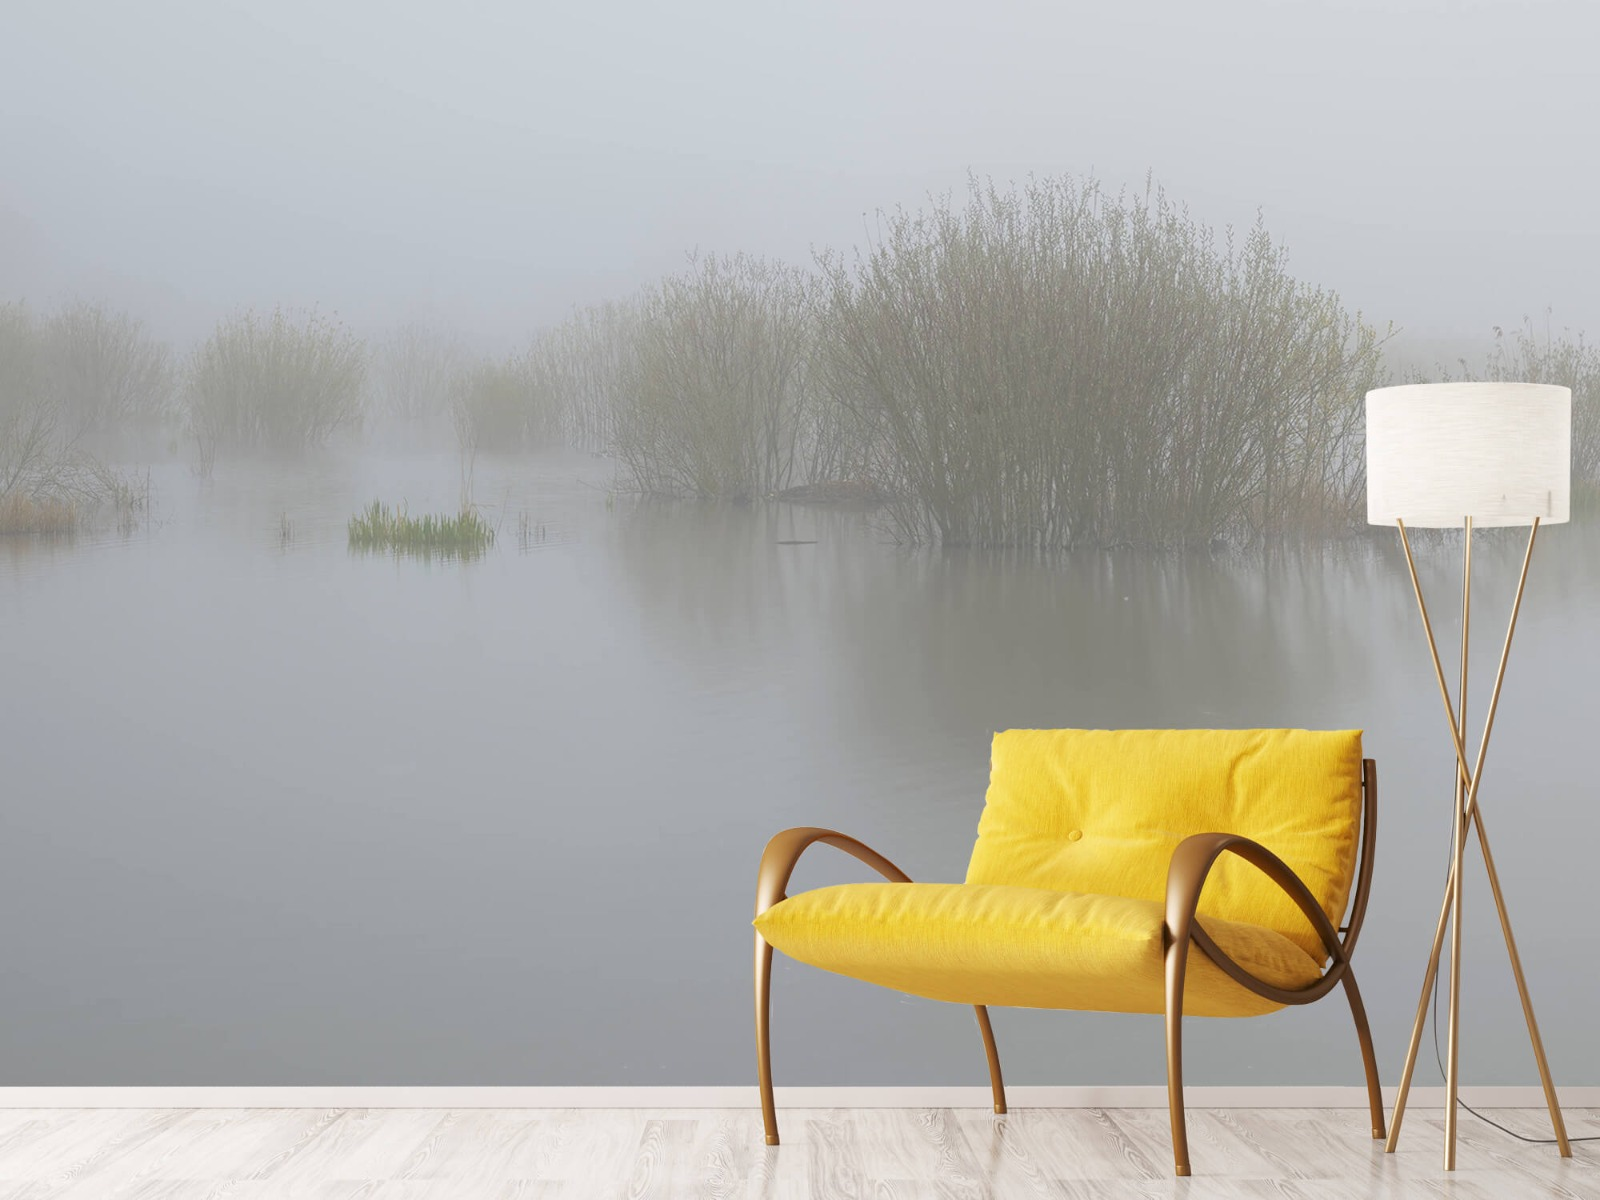 Landschap - Mist in natuurgebied - Slaapkamer 11